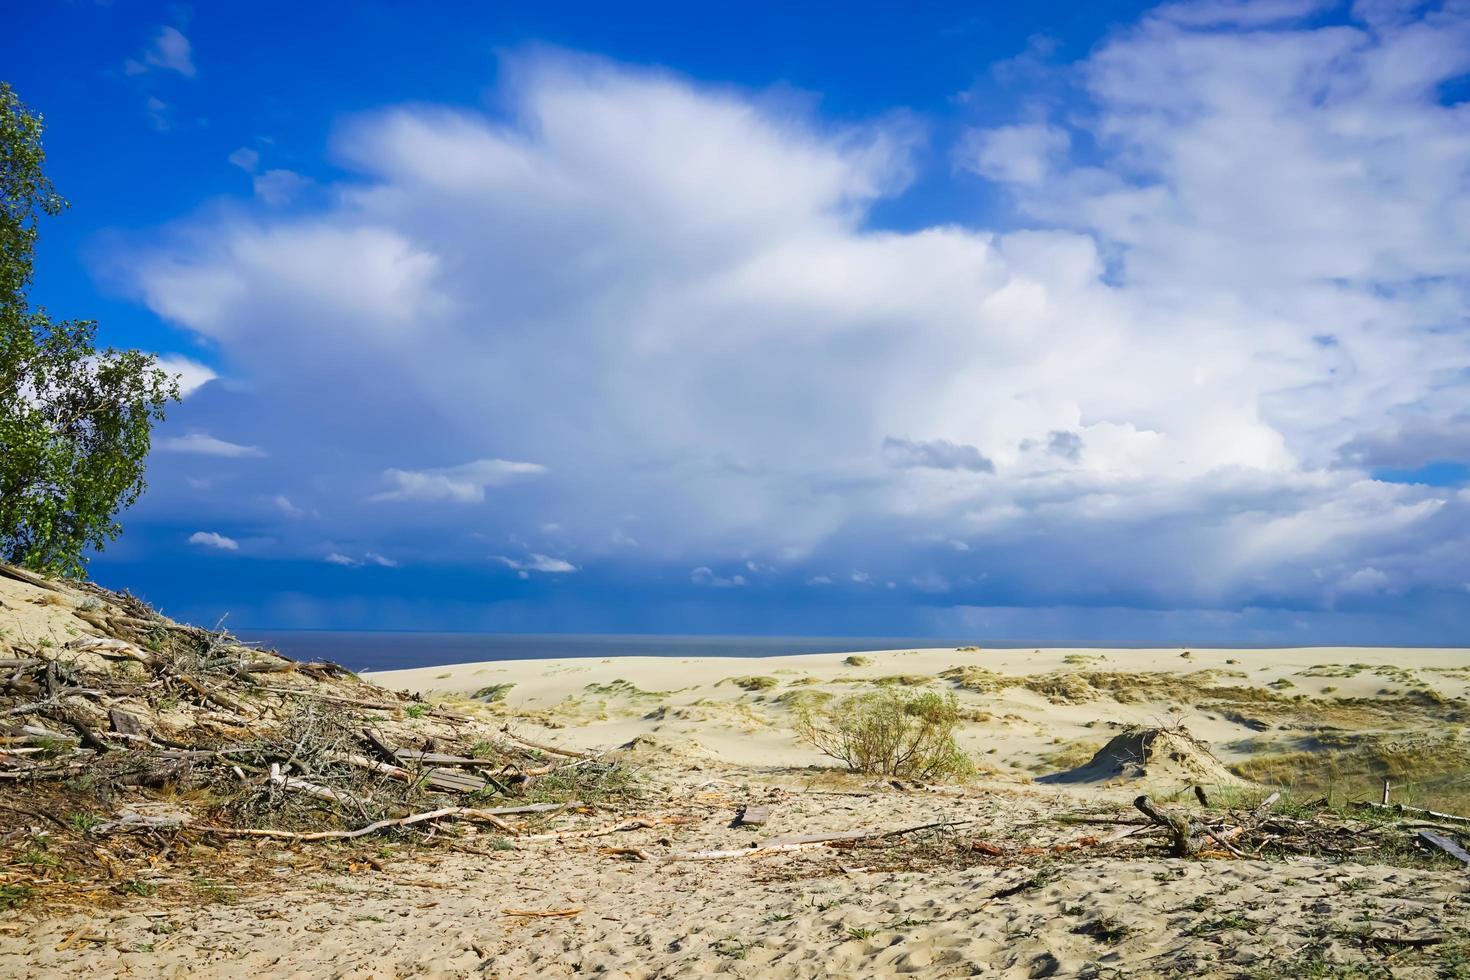 Seelandschaft der Ostsee mit Küstensanddünen der kuronischen Nehrung. foto